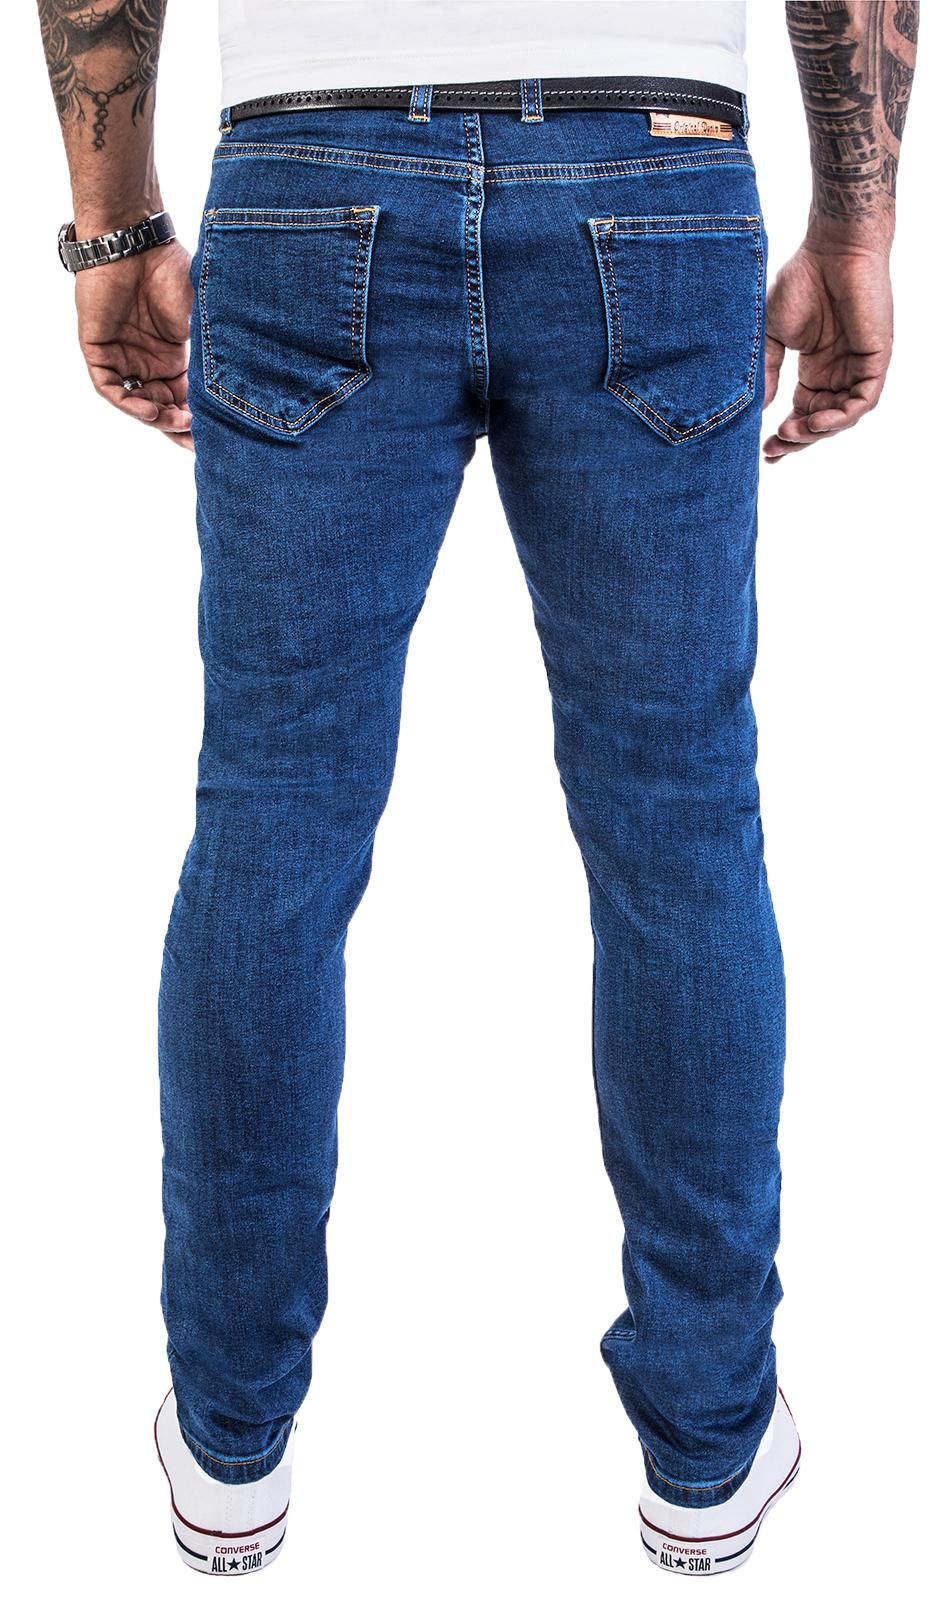 678d8748e32da Details zu Rock Creek Designer Herren Jeans Hose Regular Slim Stretch Jeans  M46 W29-W40